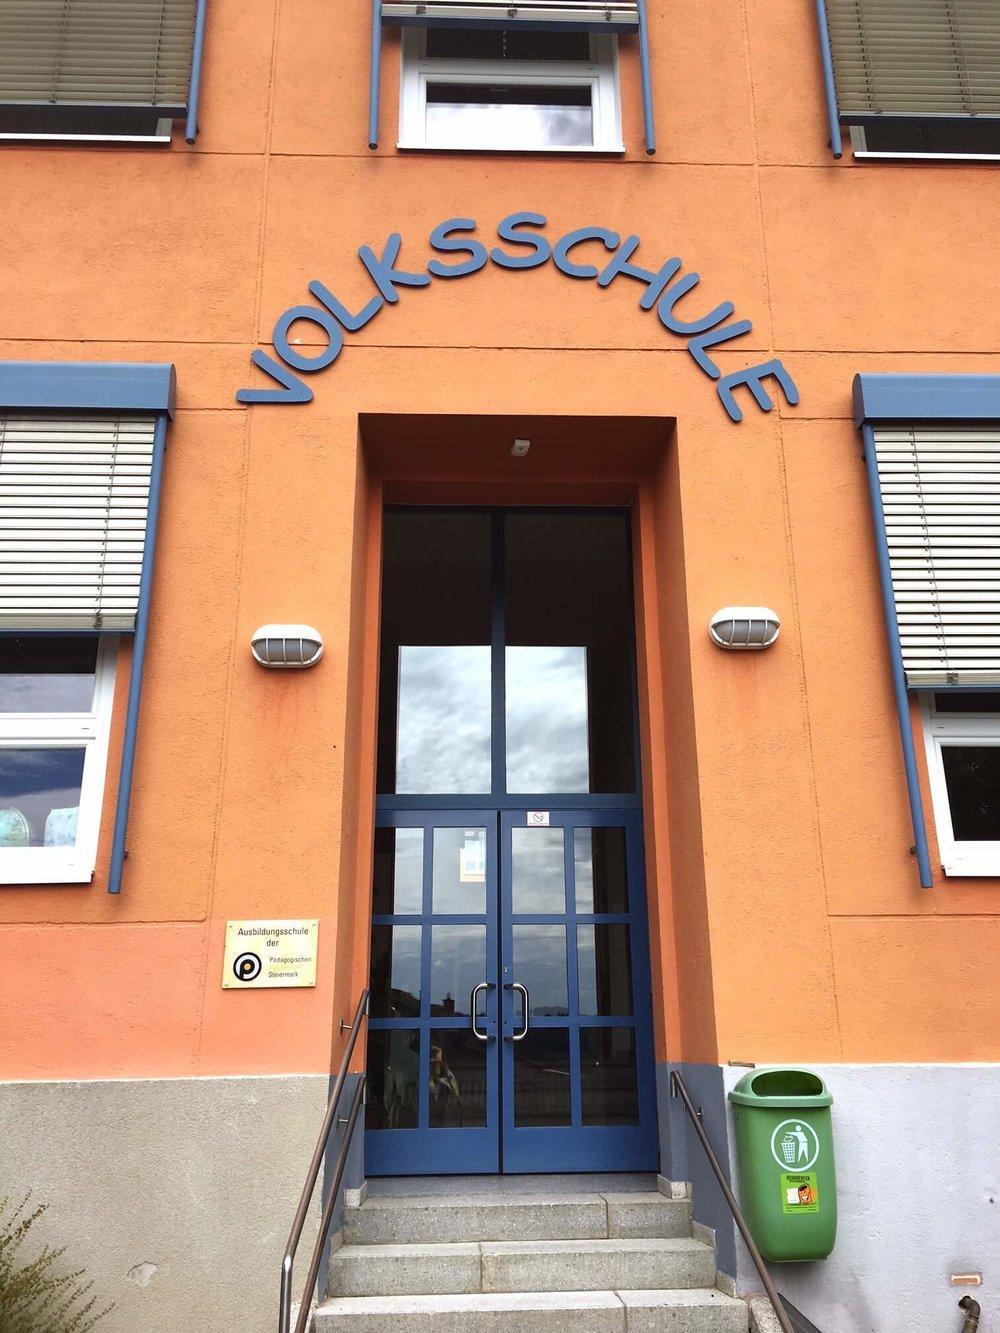 VSMarein_Schule_07.JPG